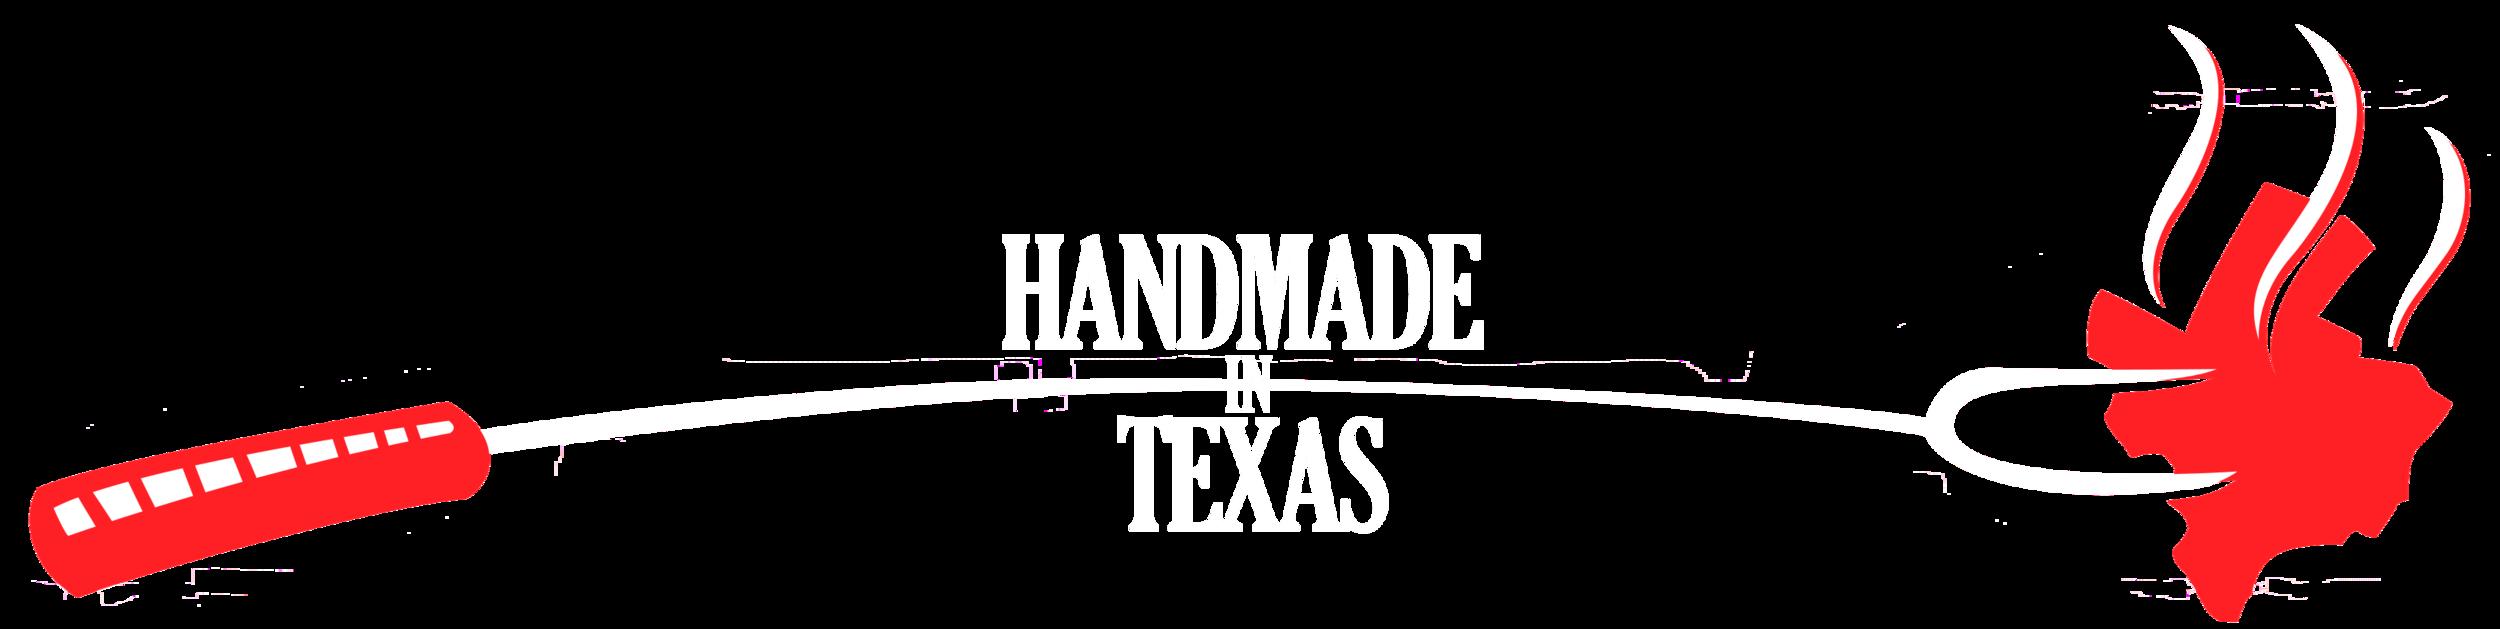 Derek Allan's BBQ Texas PitchFork Made By Hand Artisan Meats